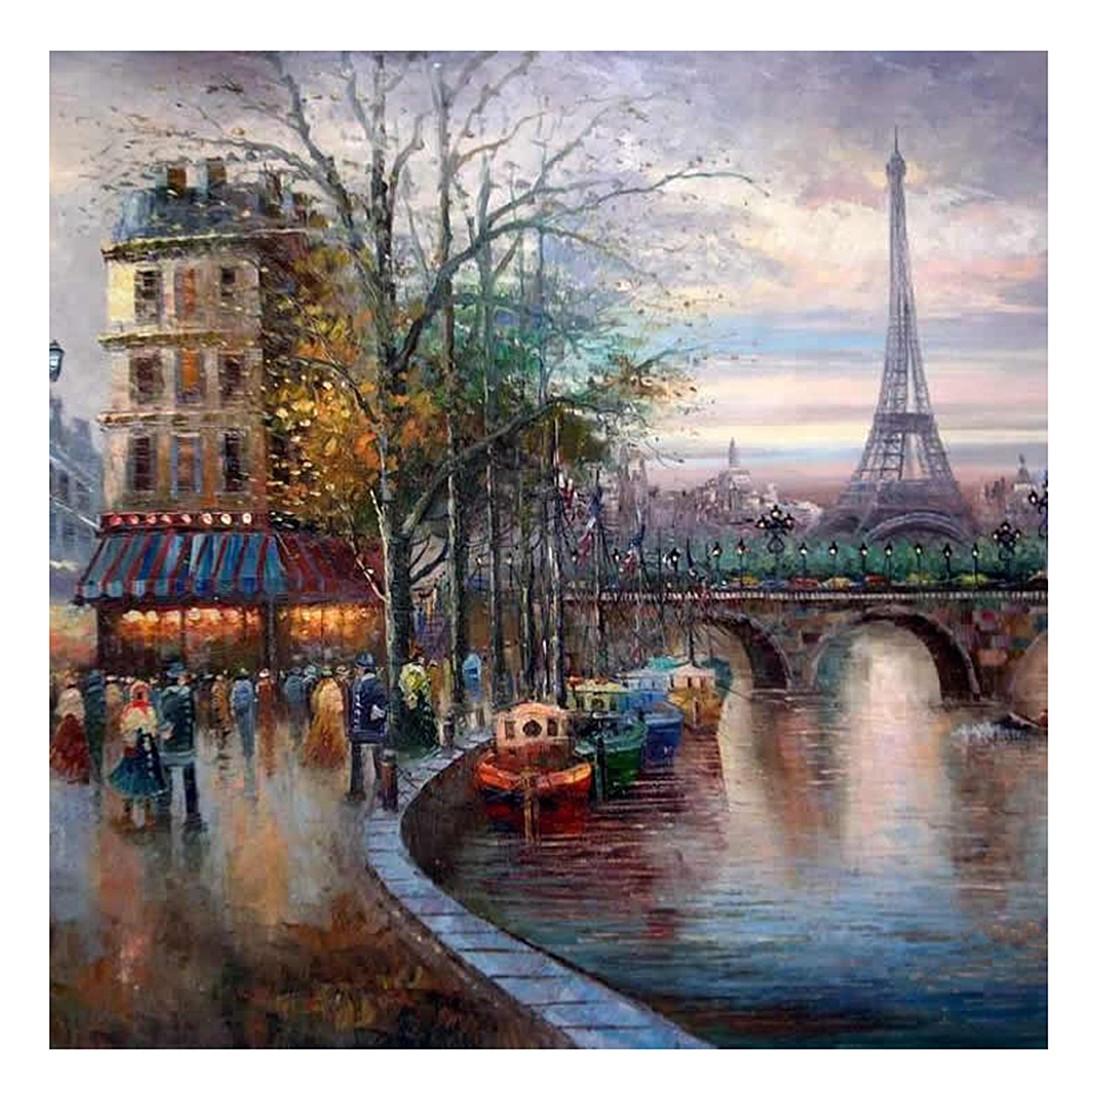 Ölgemälde Die Seine – Größe 50 x 50 cm, yourPainting bestellen